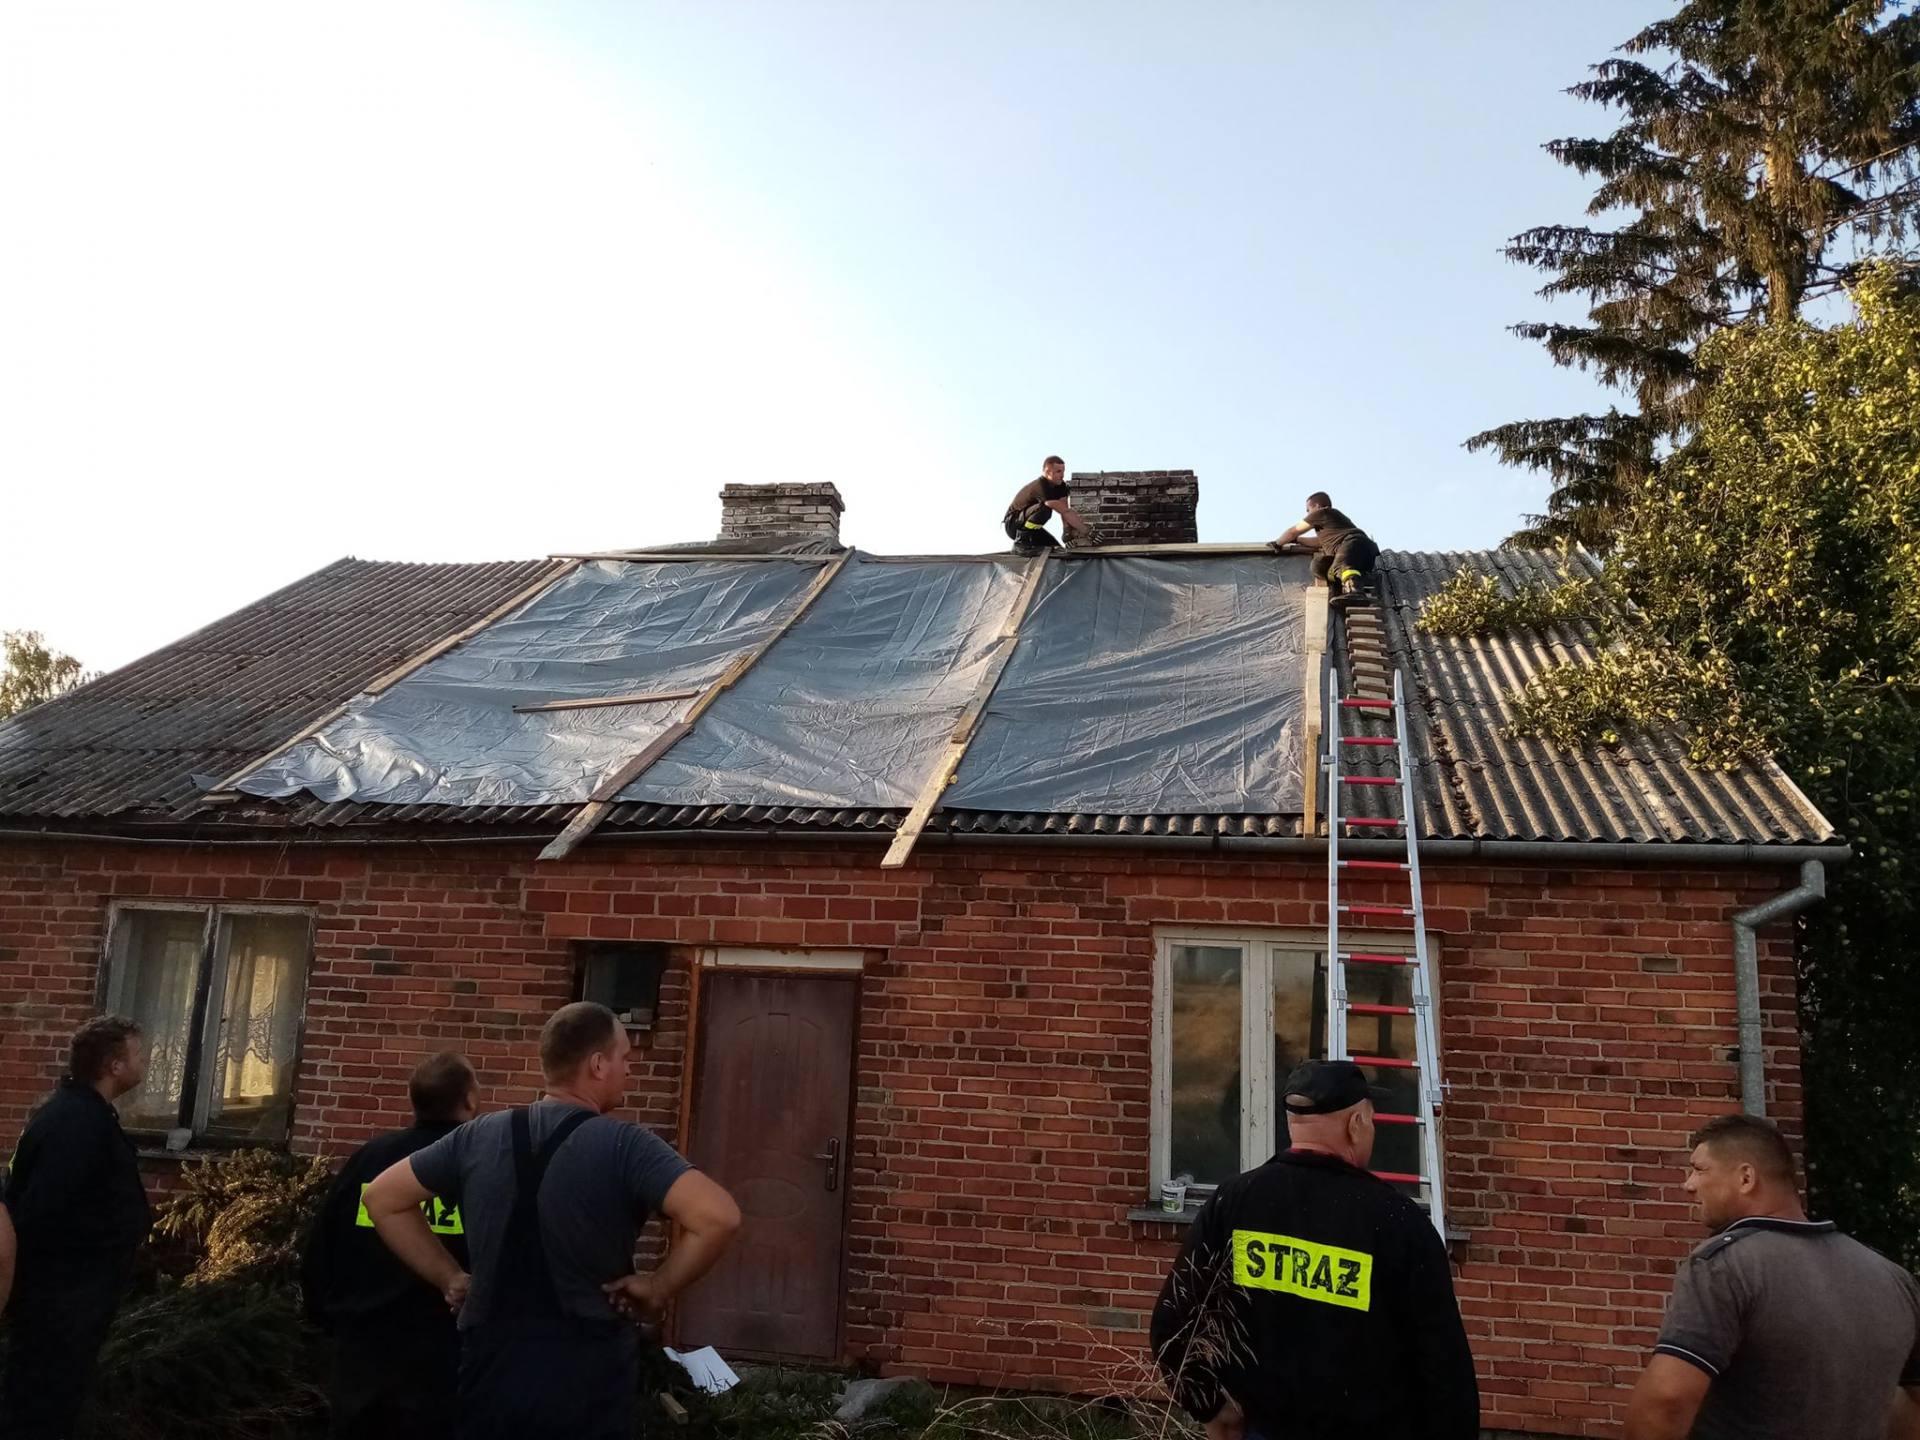 burza 11 Zerwane dachy, połamane drzewa, uszkodzone samochody. Straty po burzy, która przeszła nad Zamojszczyzną